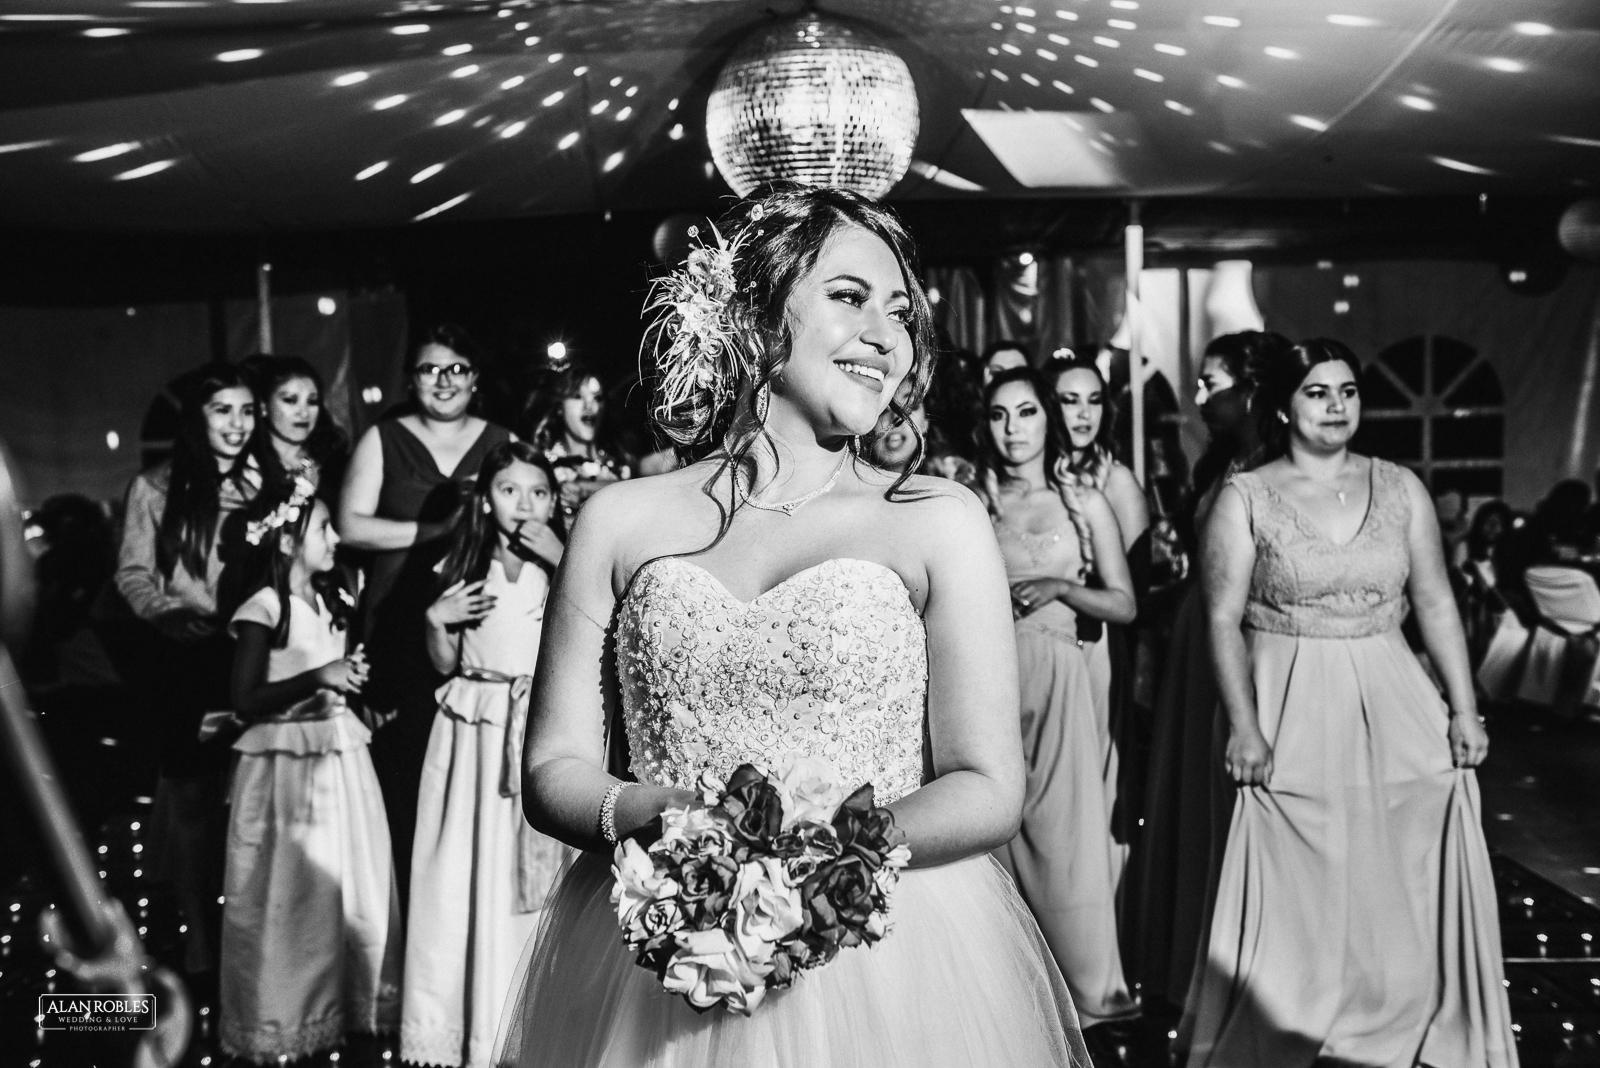 Fotografo de bodas Alan Robles-Michoacan-68